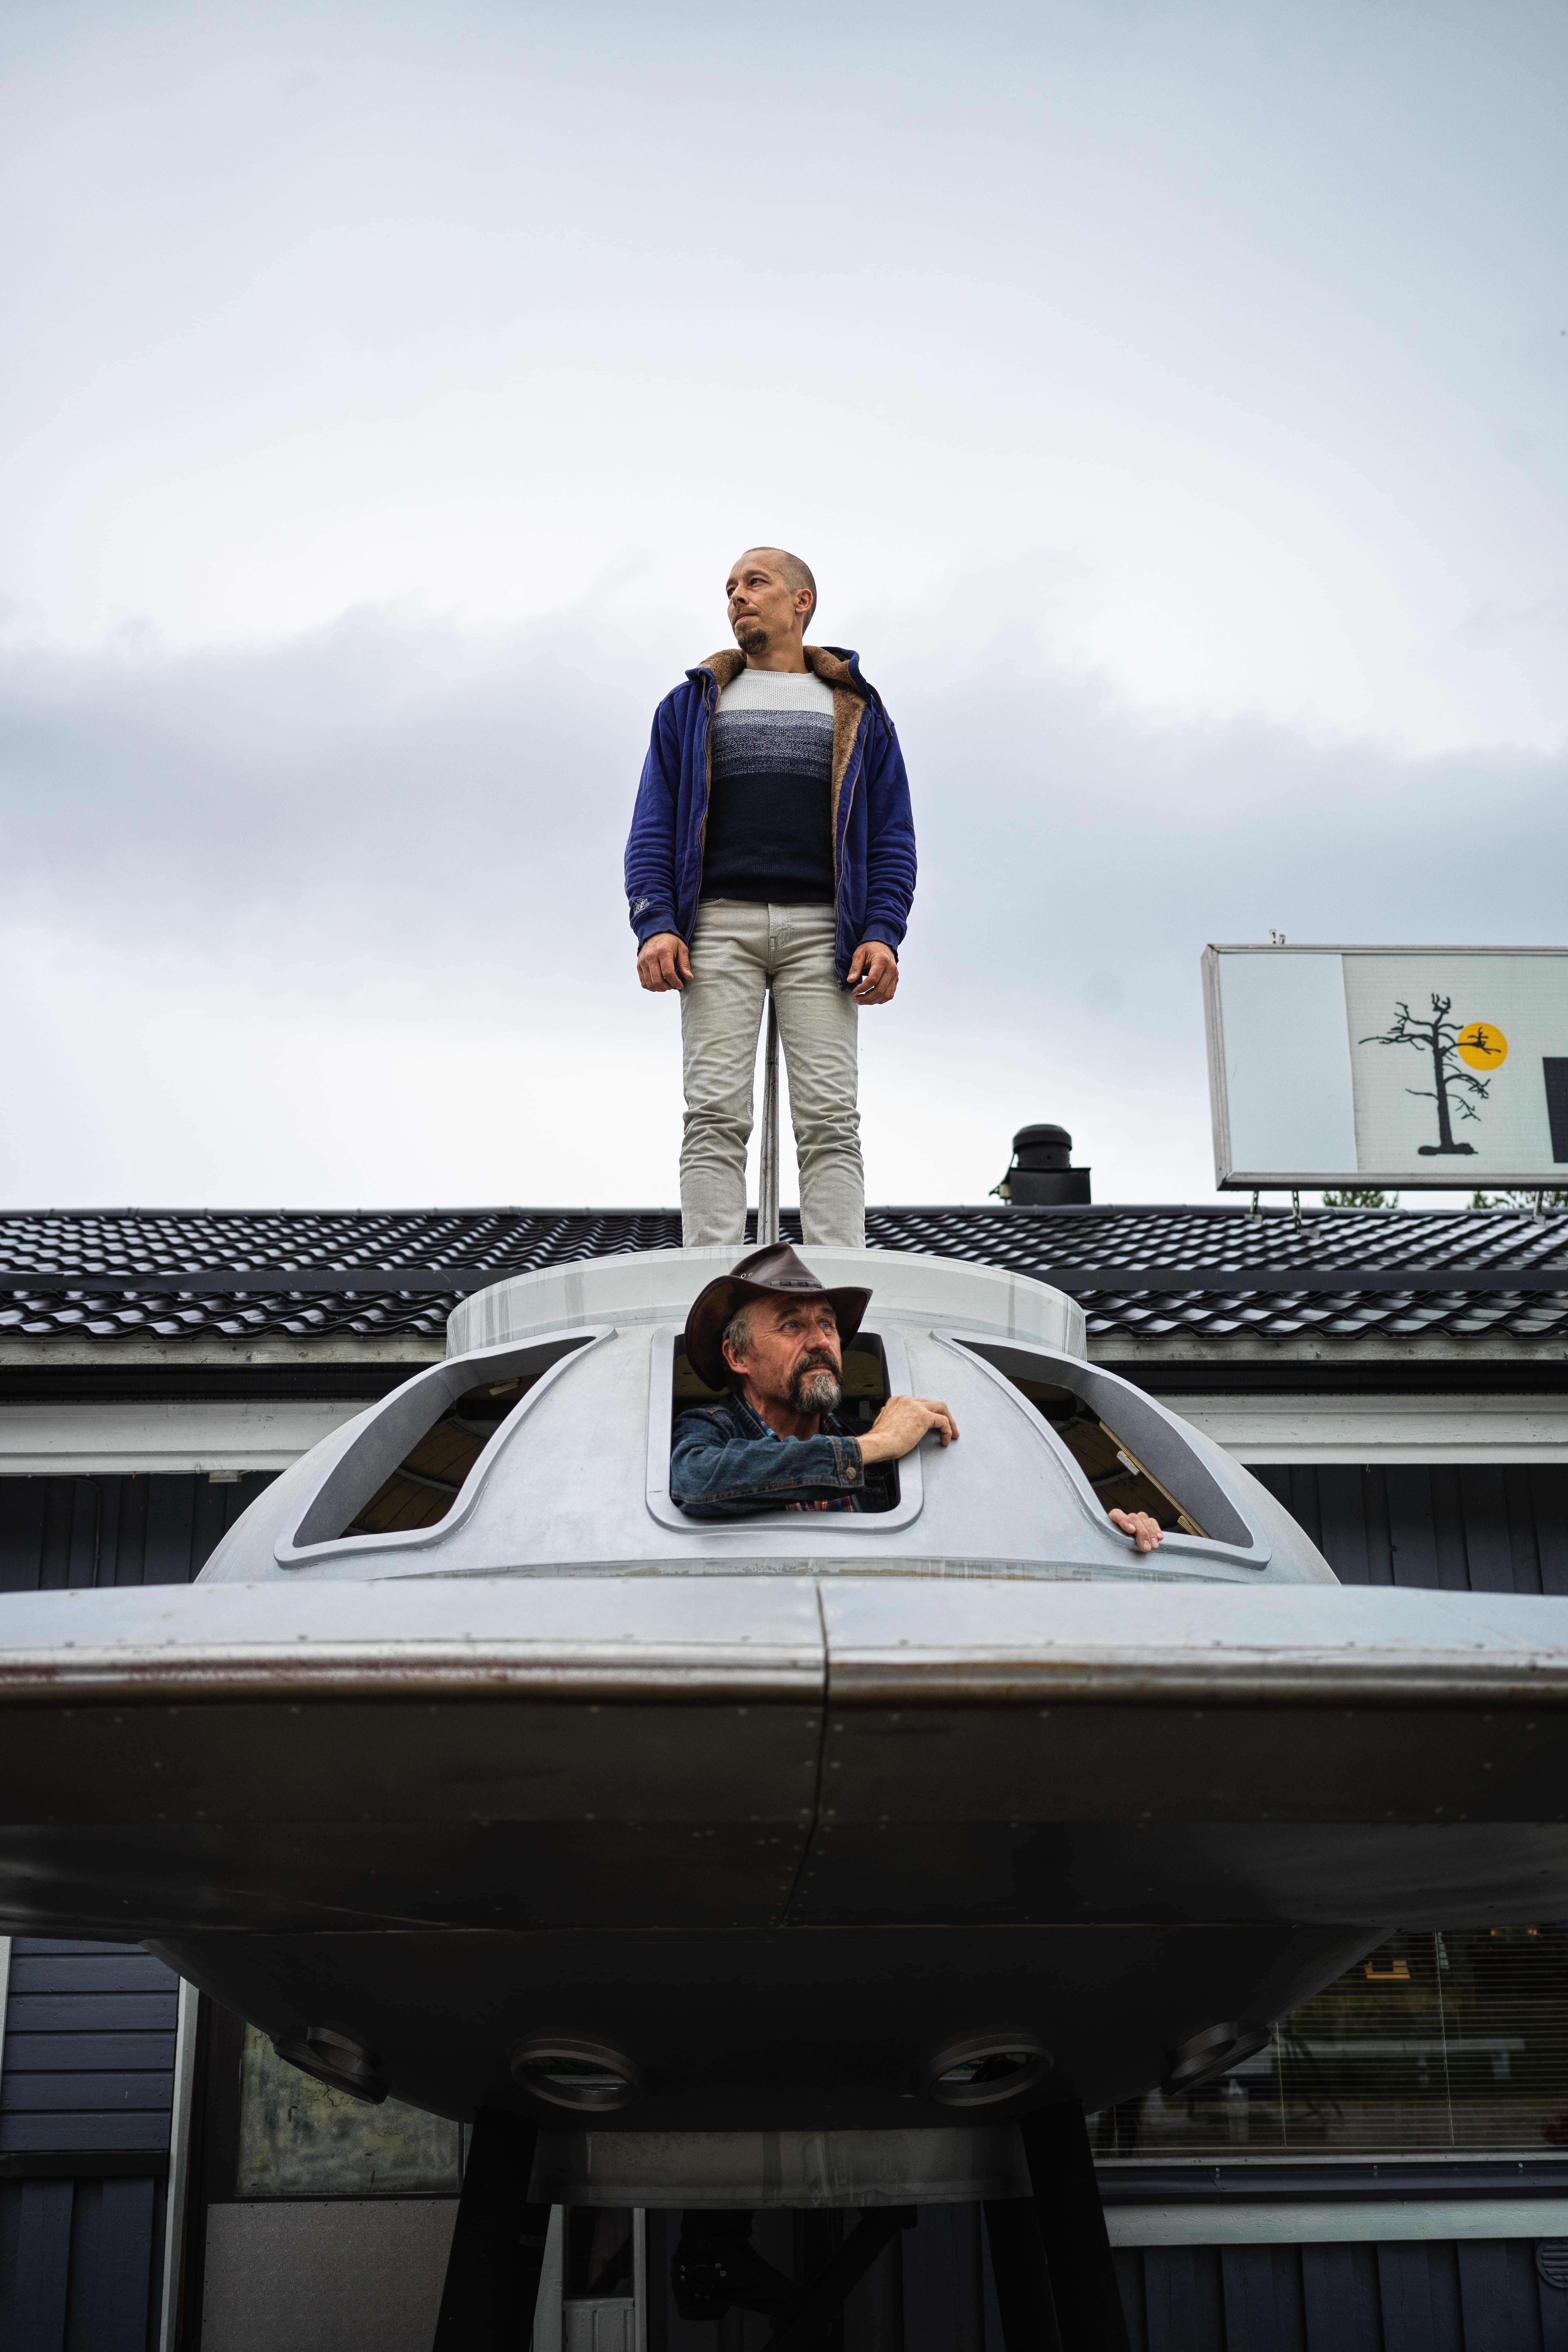 Kaksi henkilöä lentävälautasen kyydissä